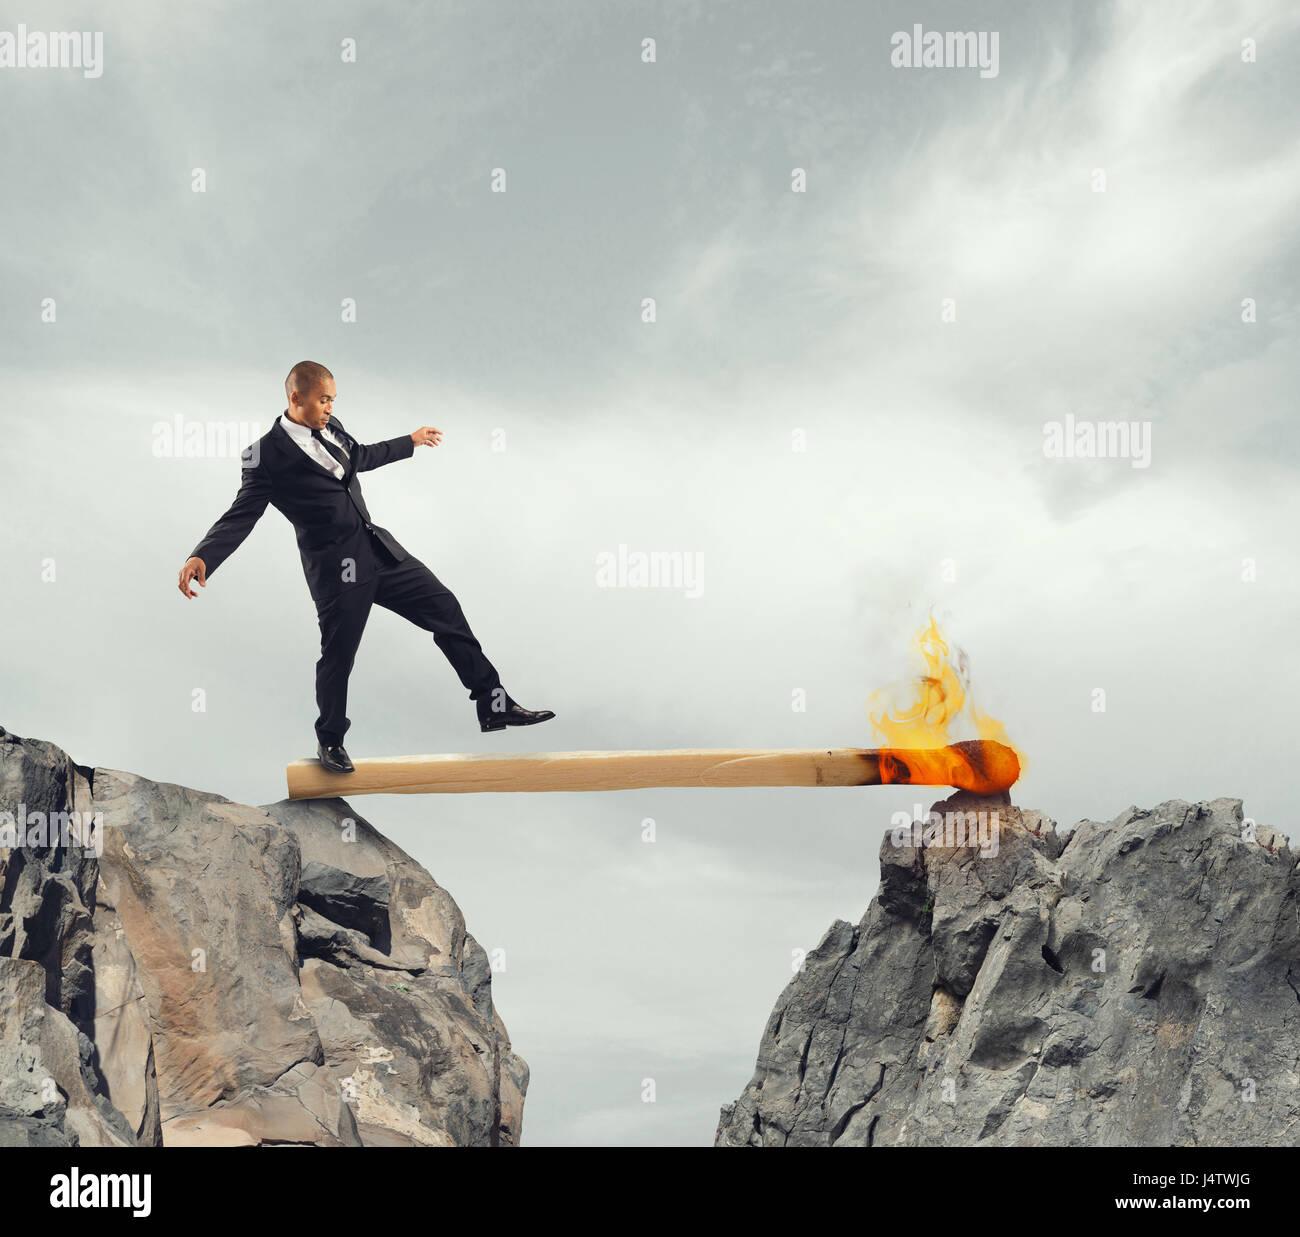 L'instabilité et la peur des obstacles à surmonter Photo Stock